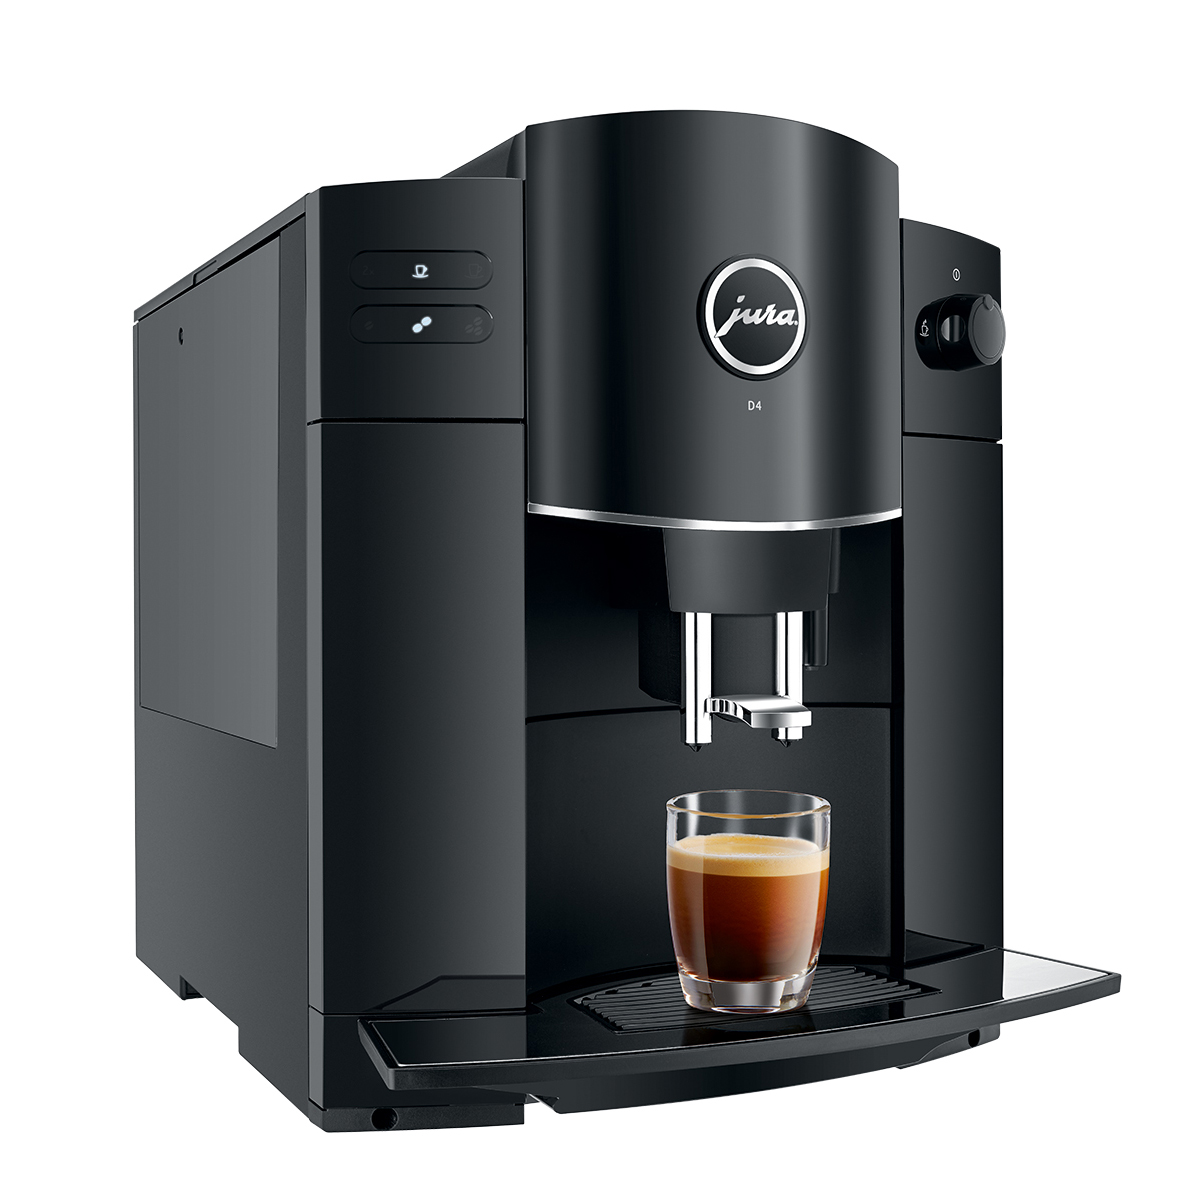 Espressor de cafea Jura D4 Piano Black, 1.9 l, 200g, rasnita AromaG2, afisaj cu simboluri+ cafea cadou